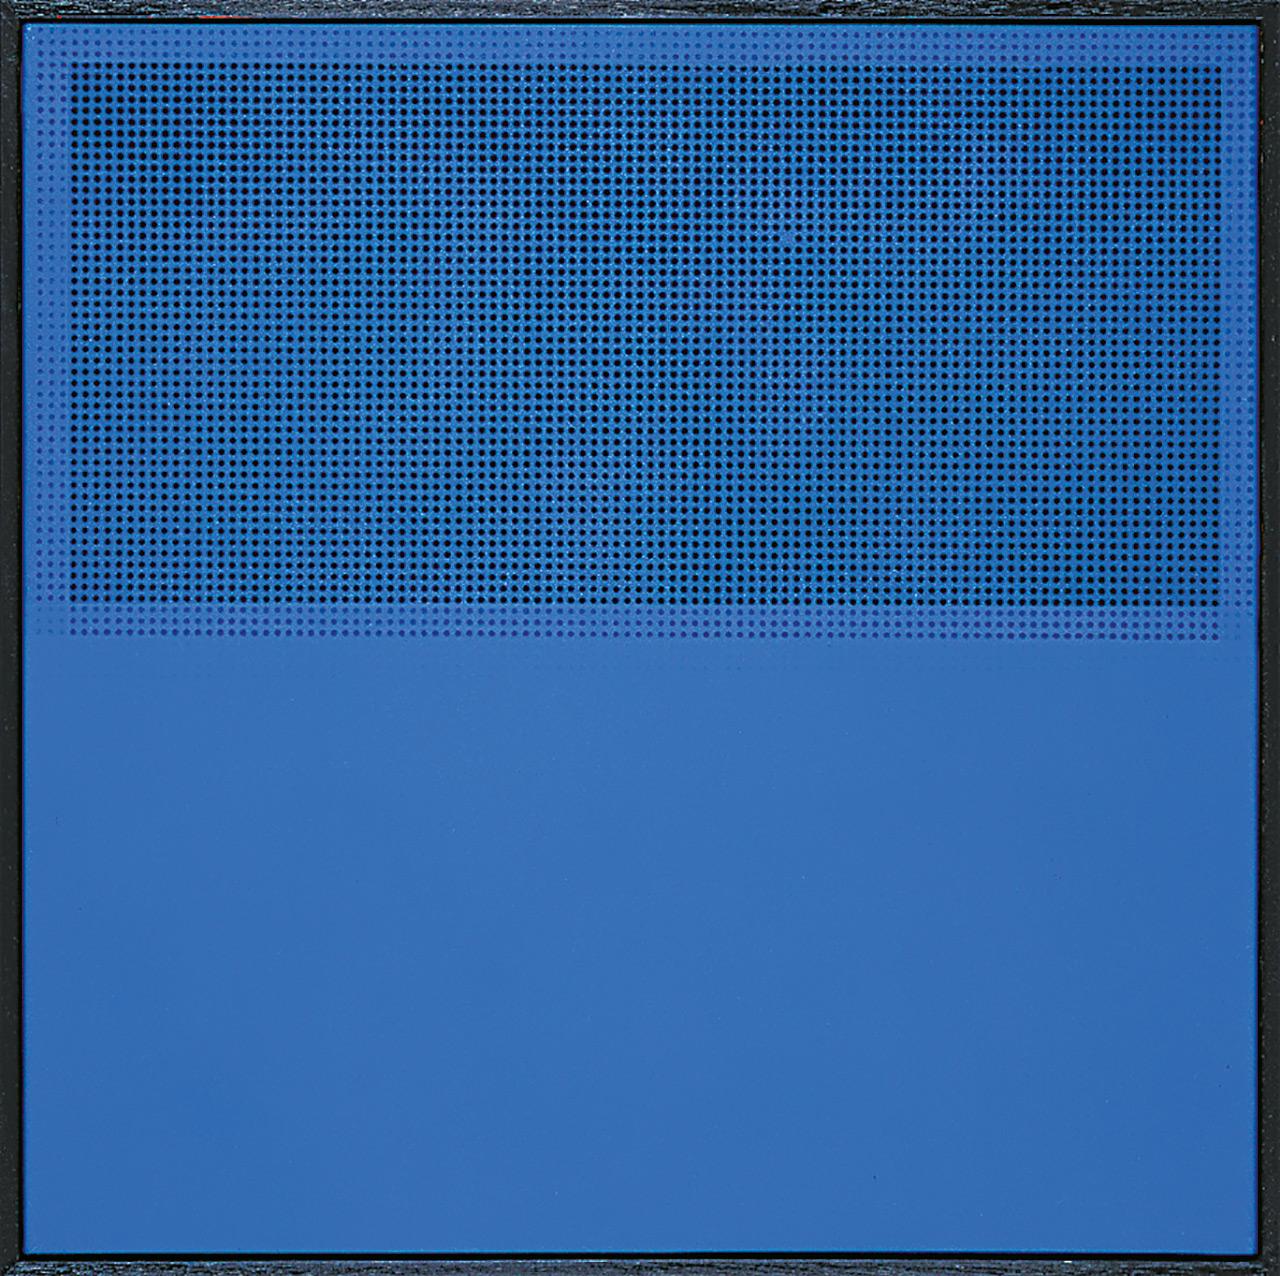 P---0908.2-2001-60x60cm